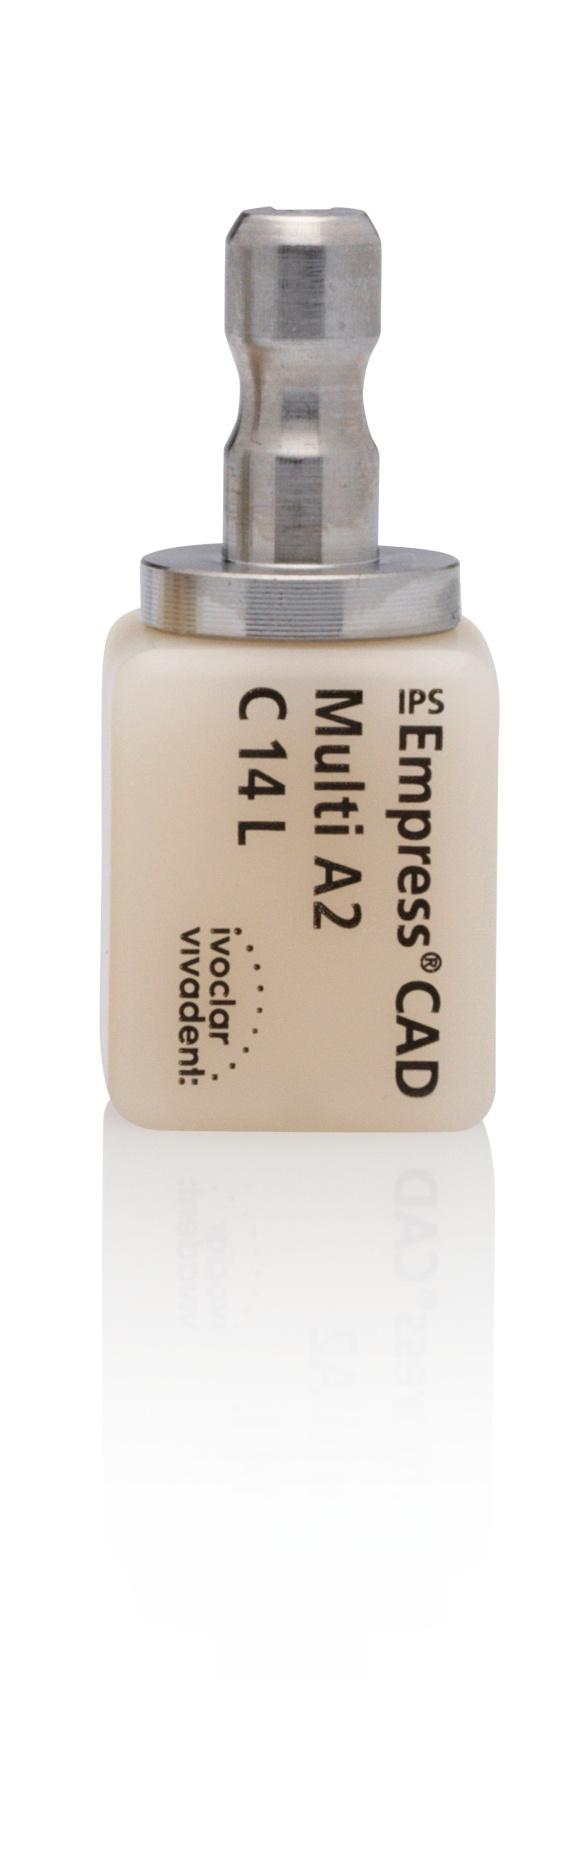 Bloco Para CadCam IPS Empress Cerec Inlab Multi C14 L - Ivoclar Vivadent